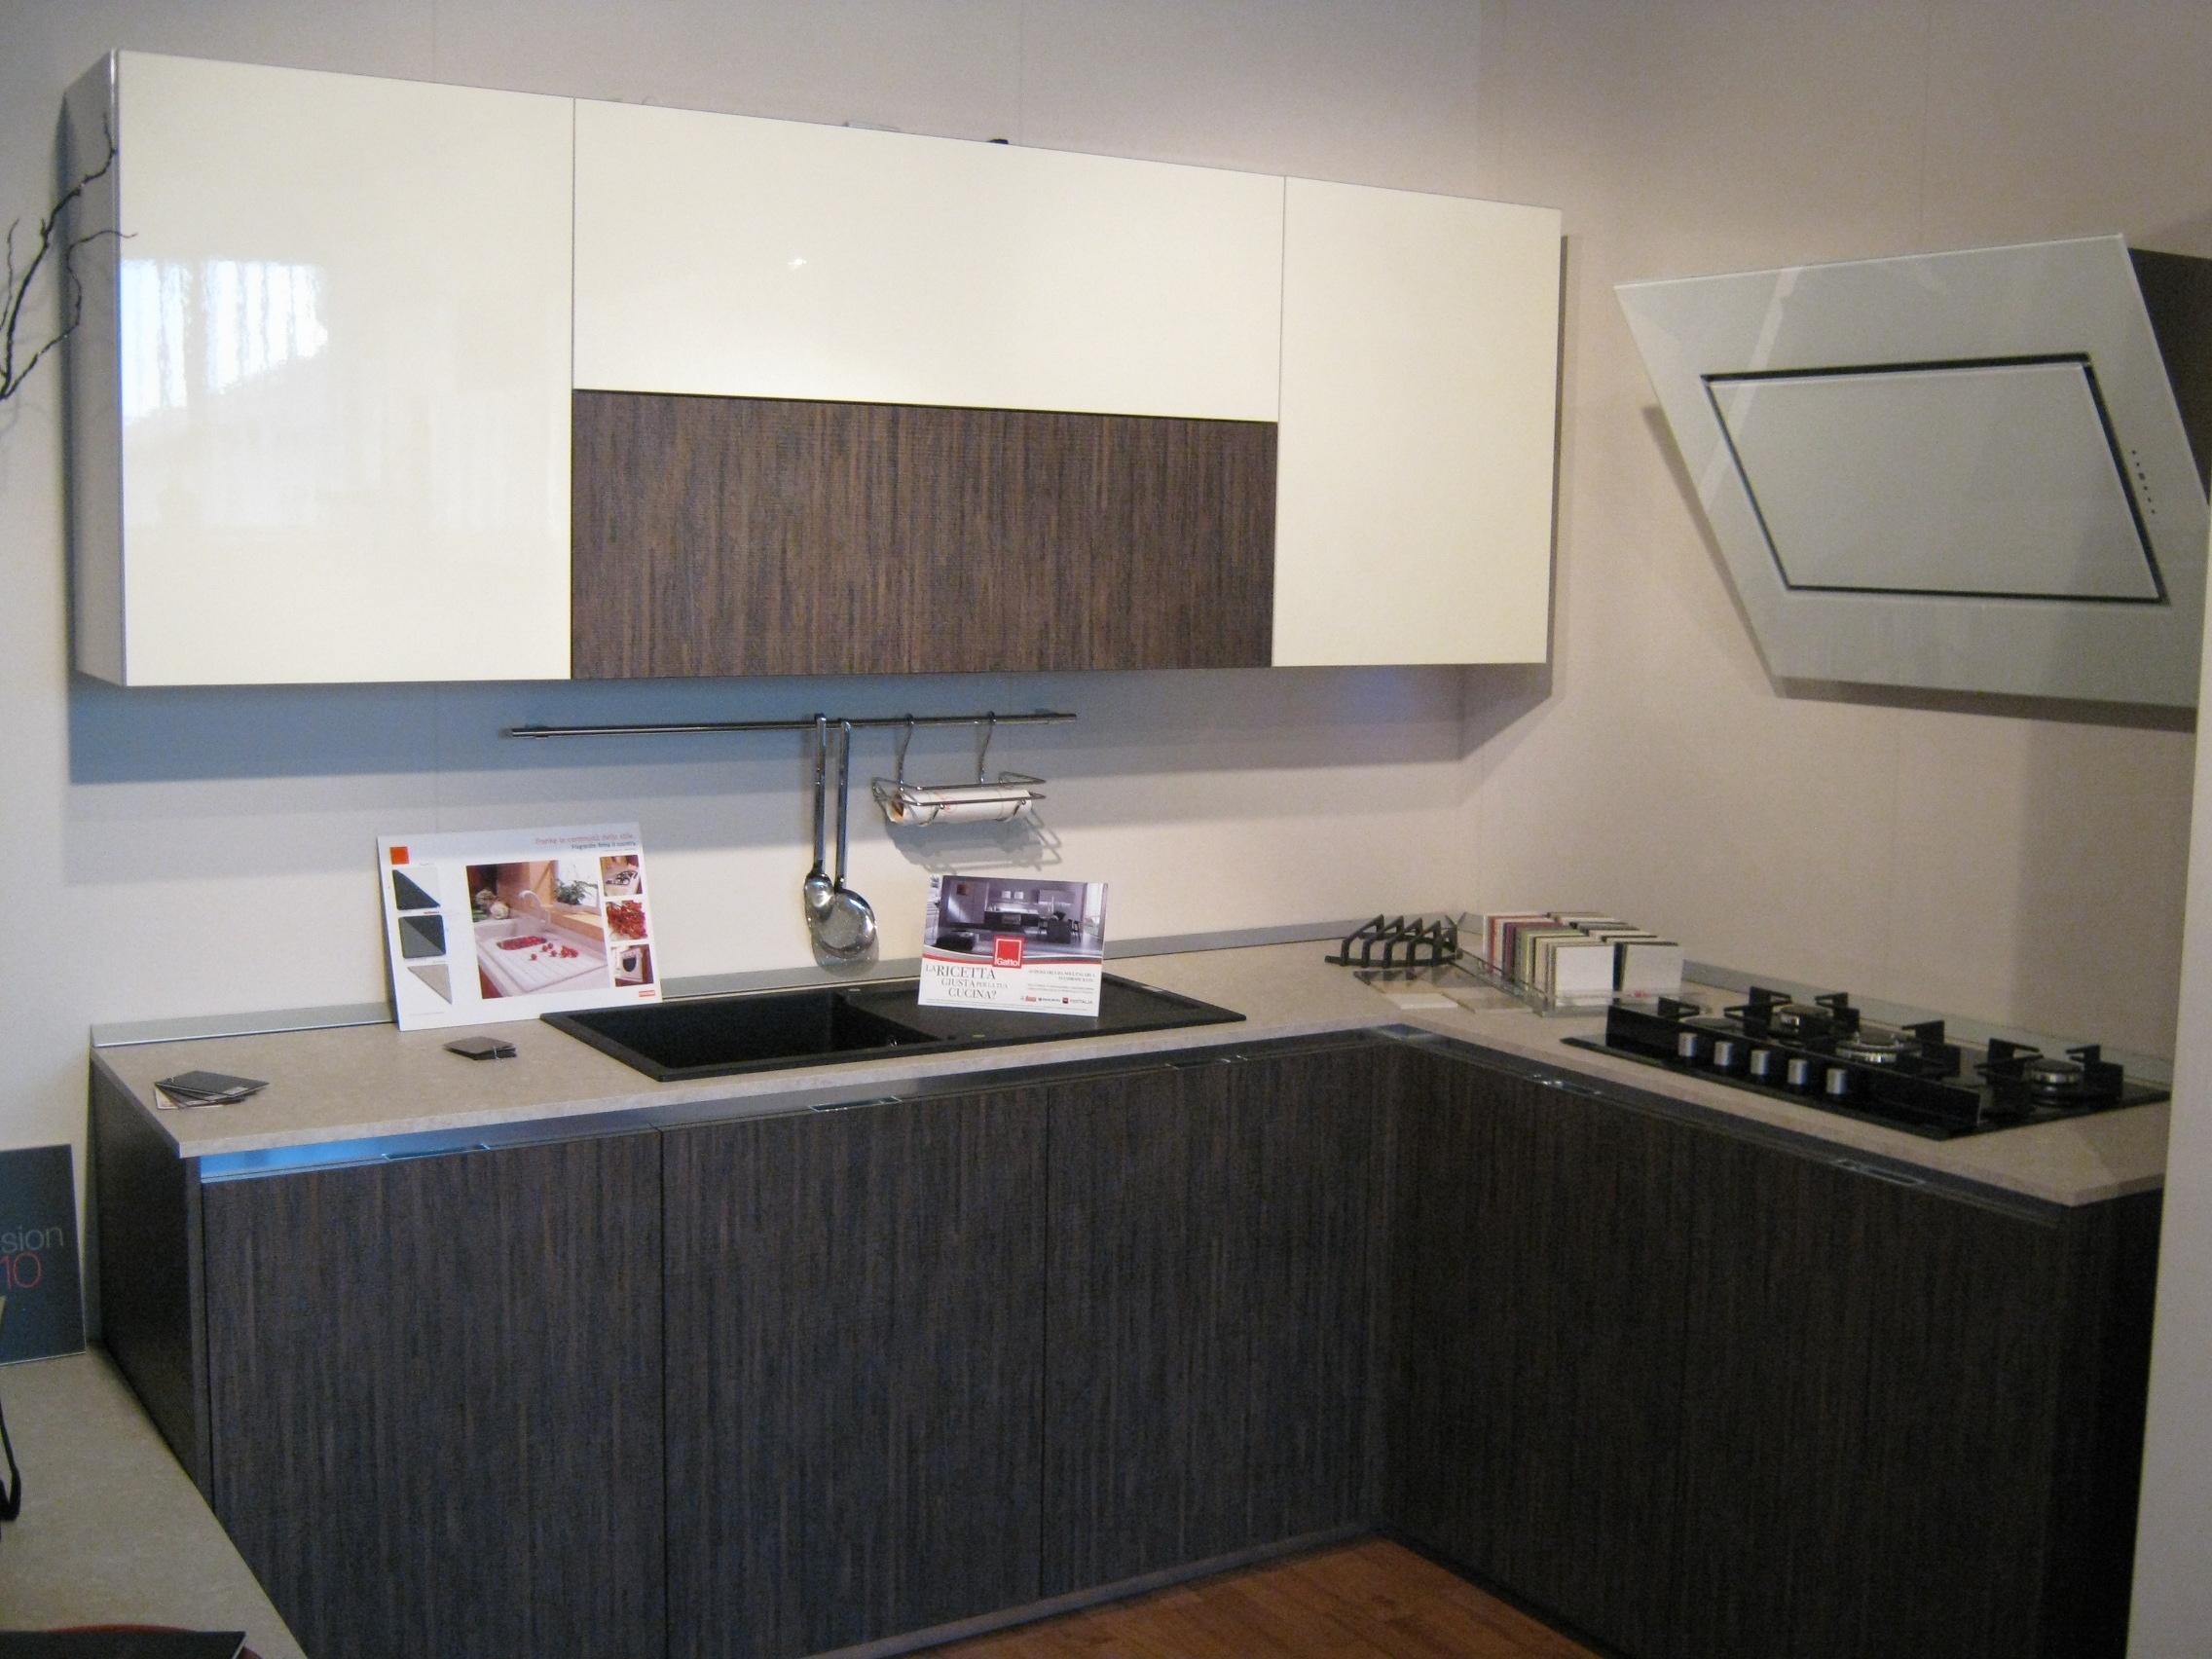 Cucina offerta SottoCosto - Cucine a prezzi scontati